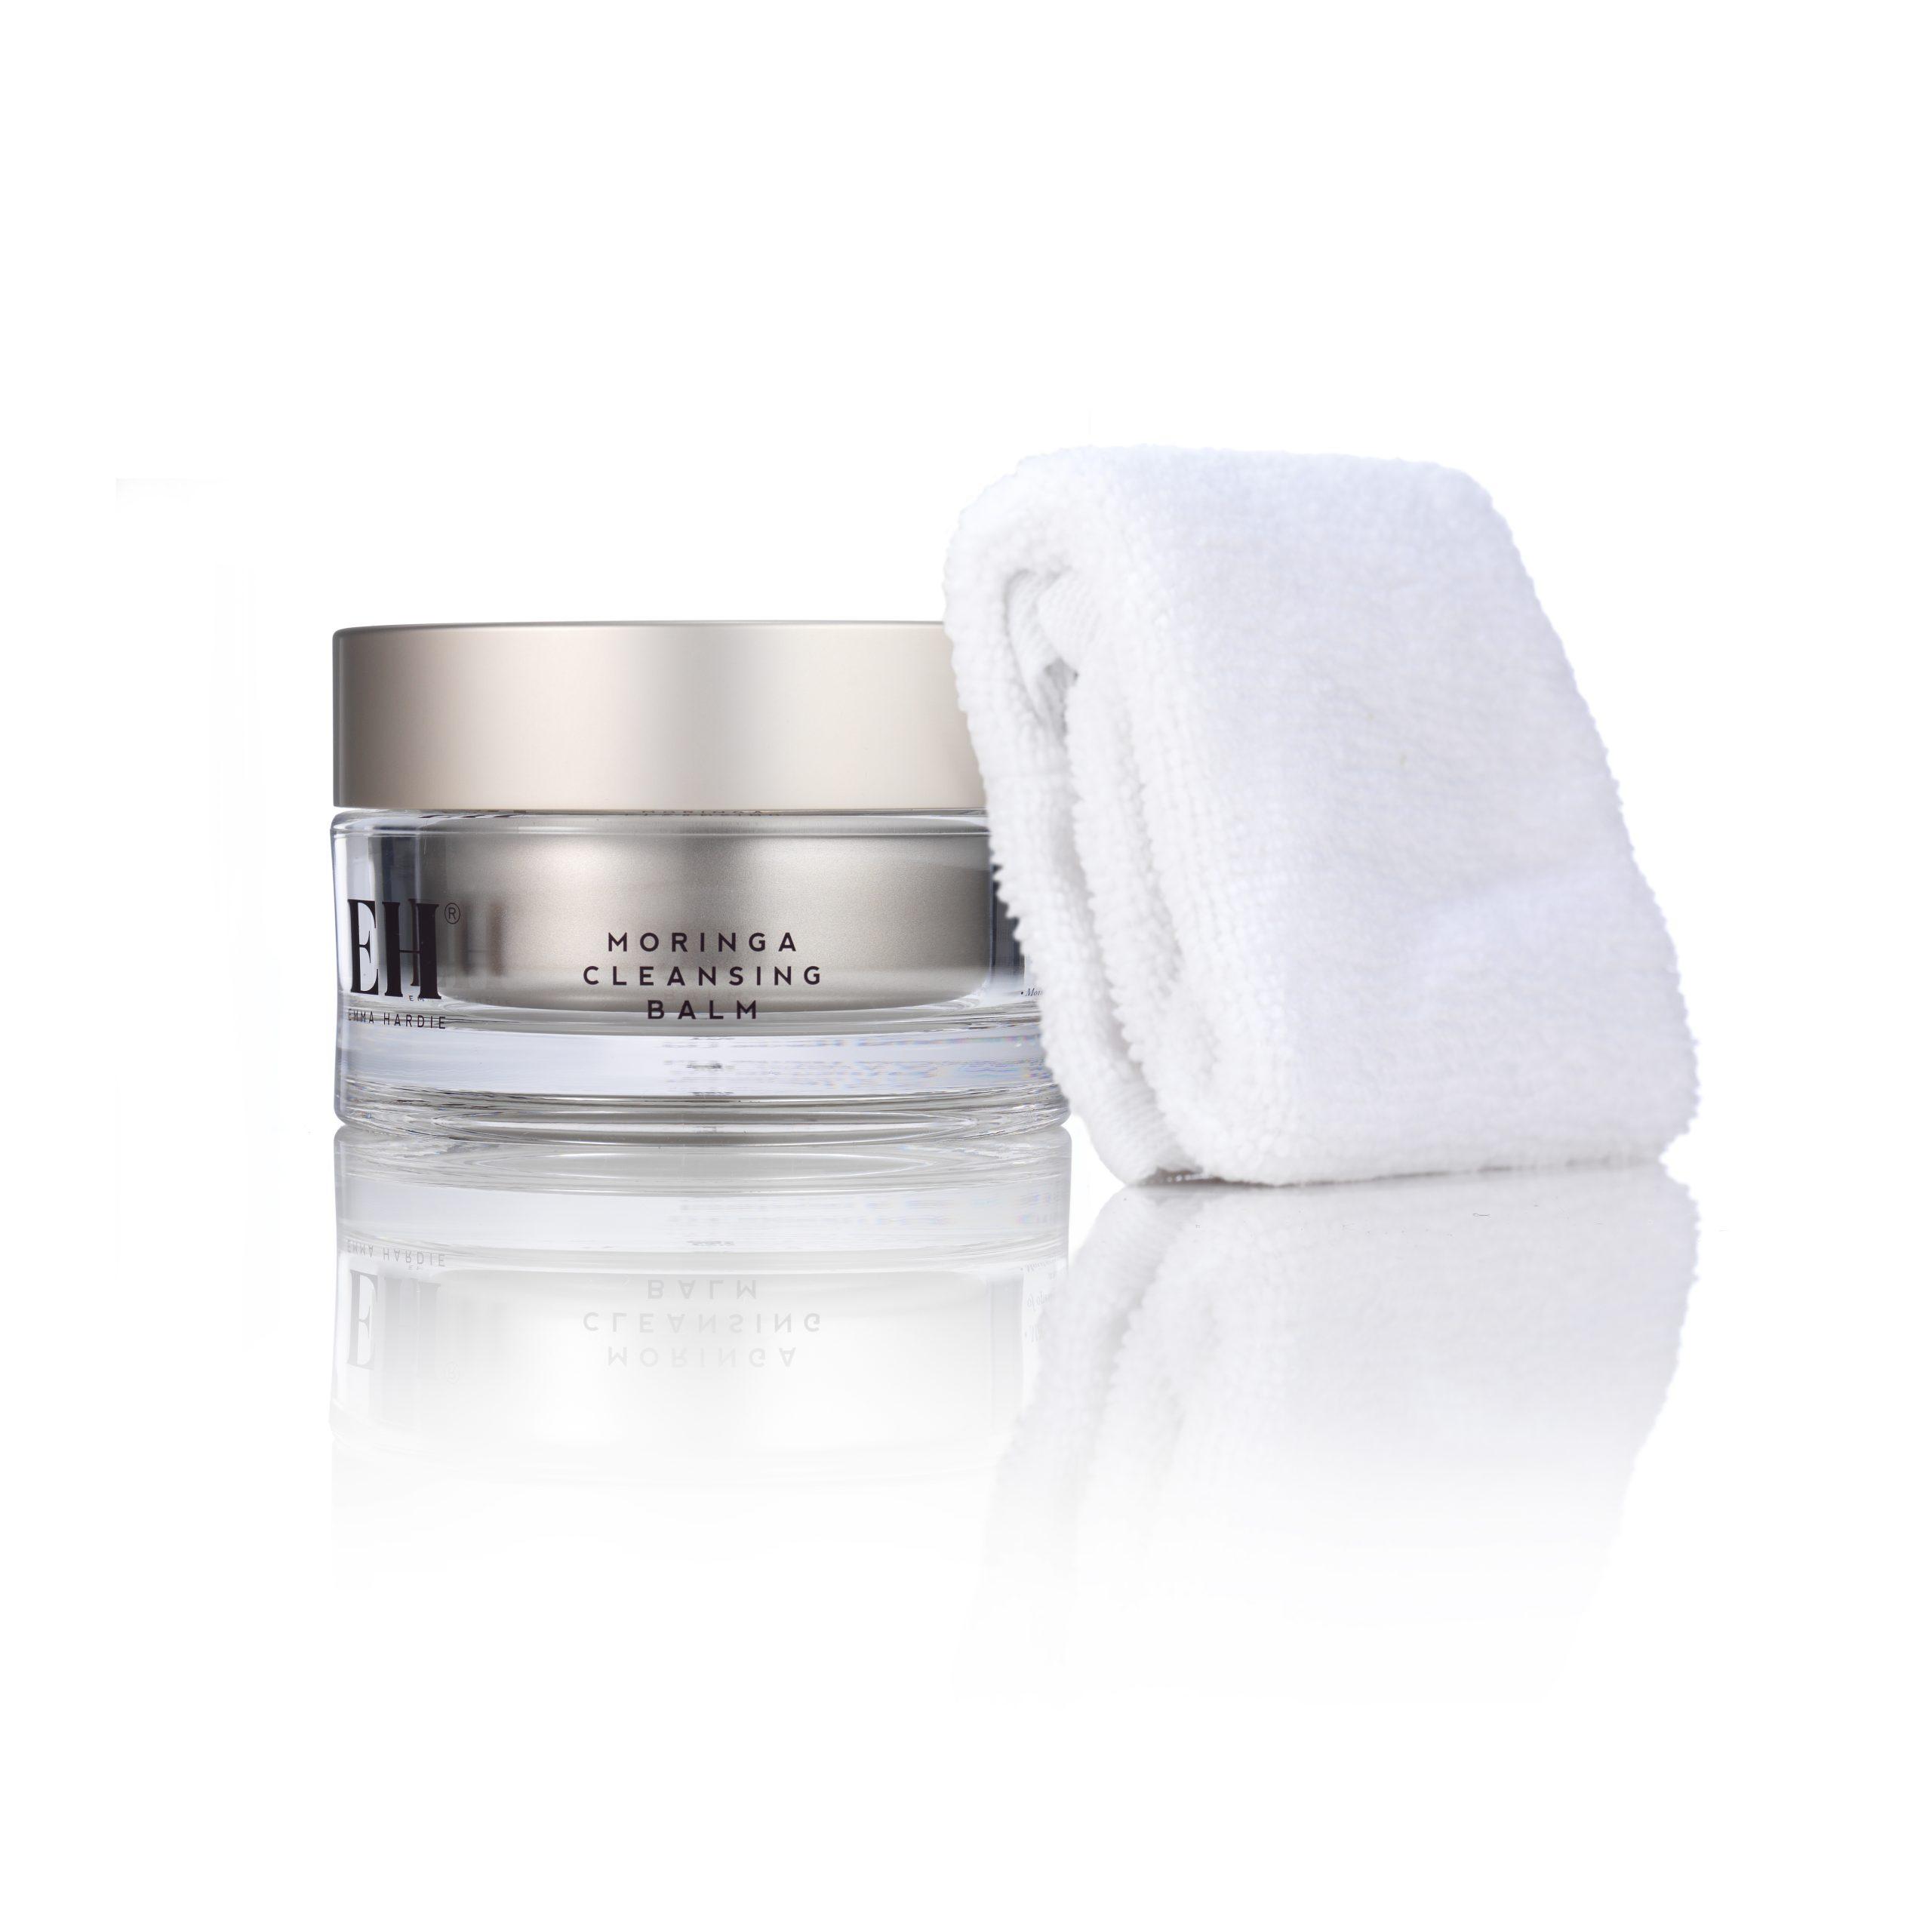 Cuida tu piel a partir de los 40: tips y productos